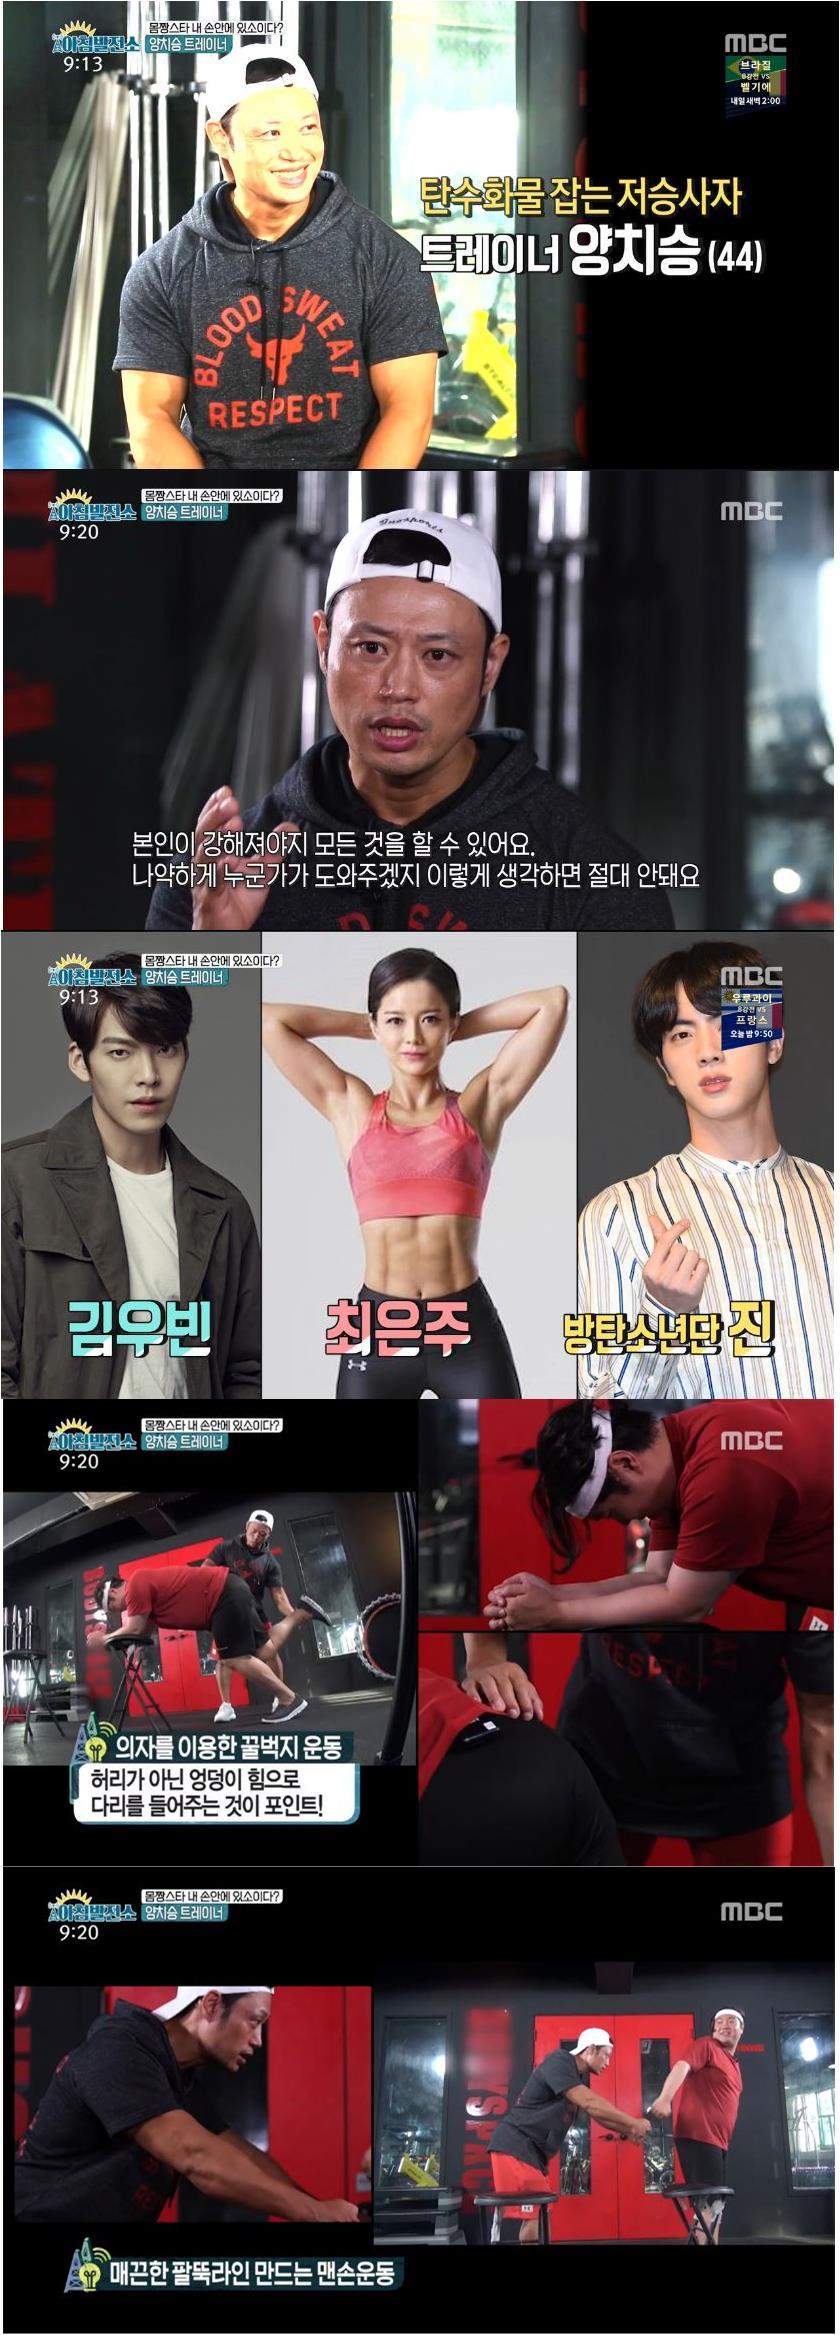 '아침발전소' 트레이너 양치승 인터뷰, '5분 홈트레이닝' 비법 대공개